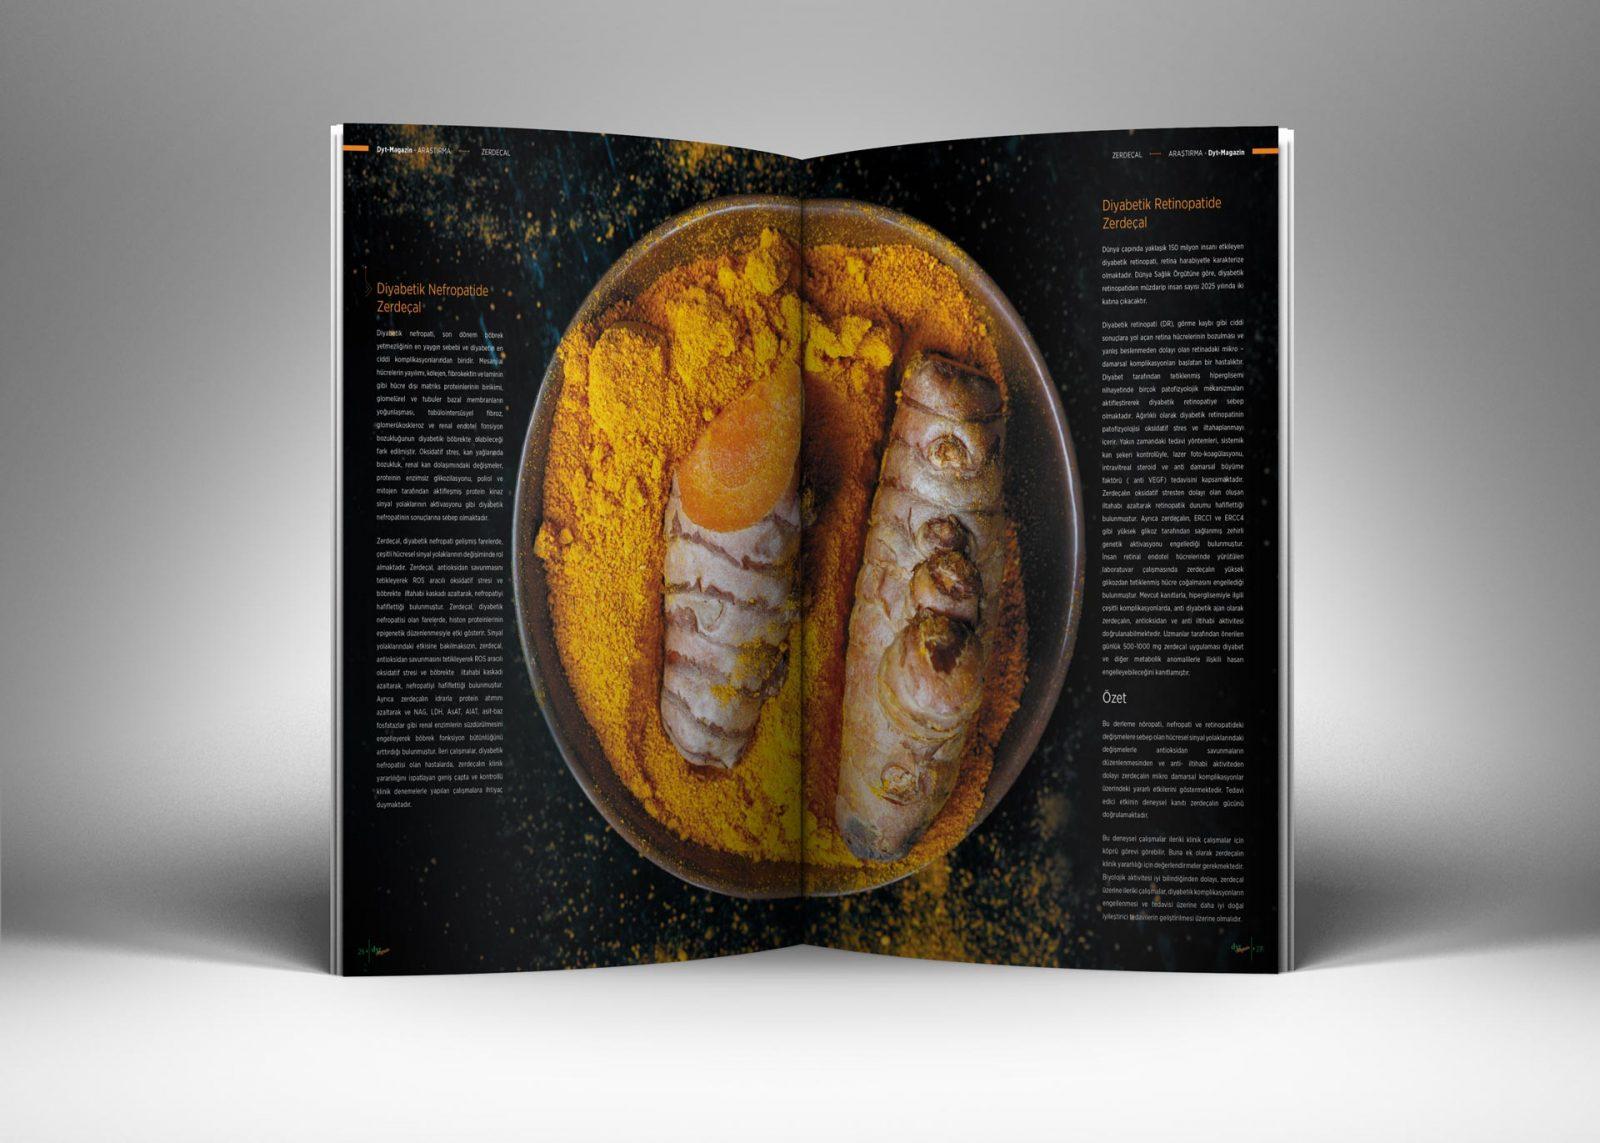 DytMagazin Dergi Tasarımı 05